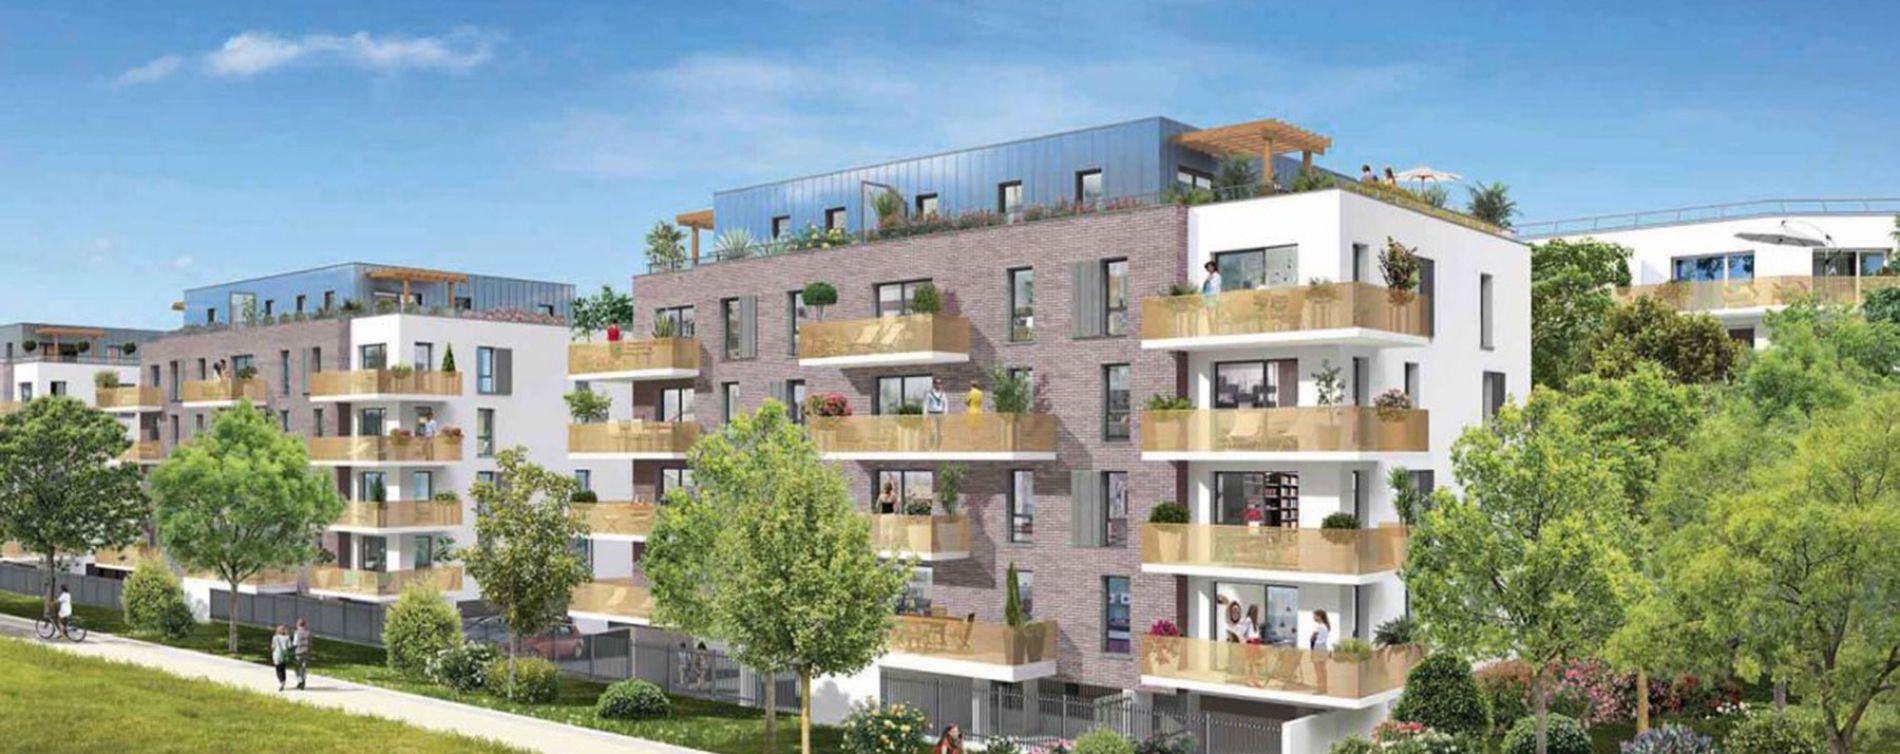 Roncq : programme immobilier neuve « Les Terrasses d'Organdi »